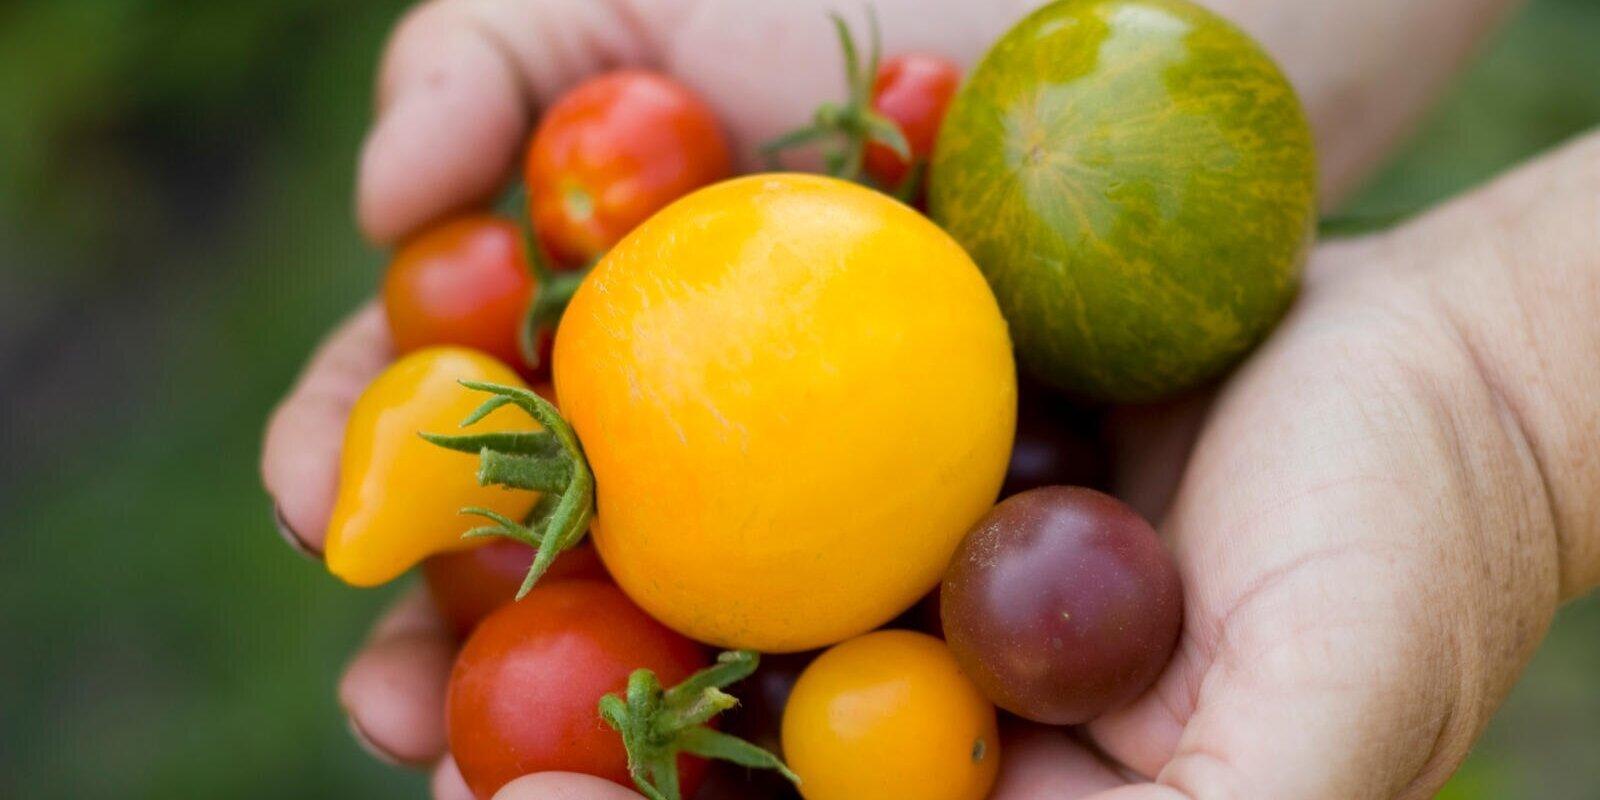 Allrecipes Kitchen Garden Guide